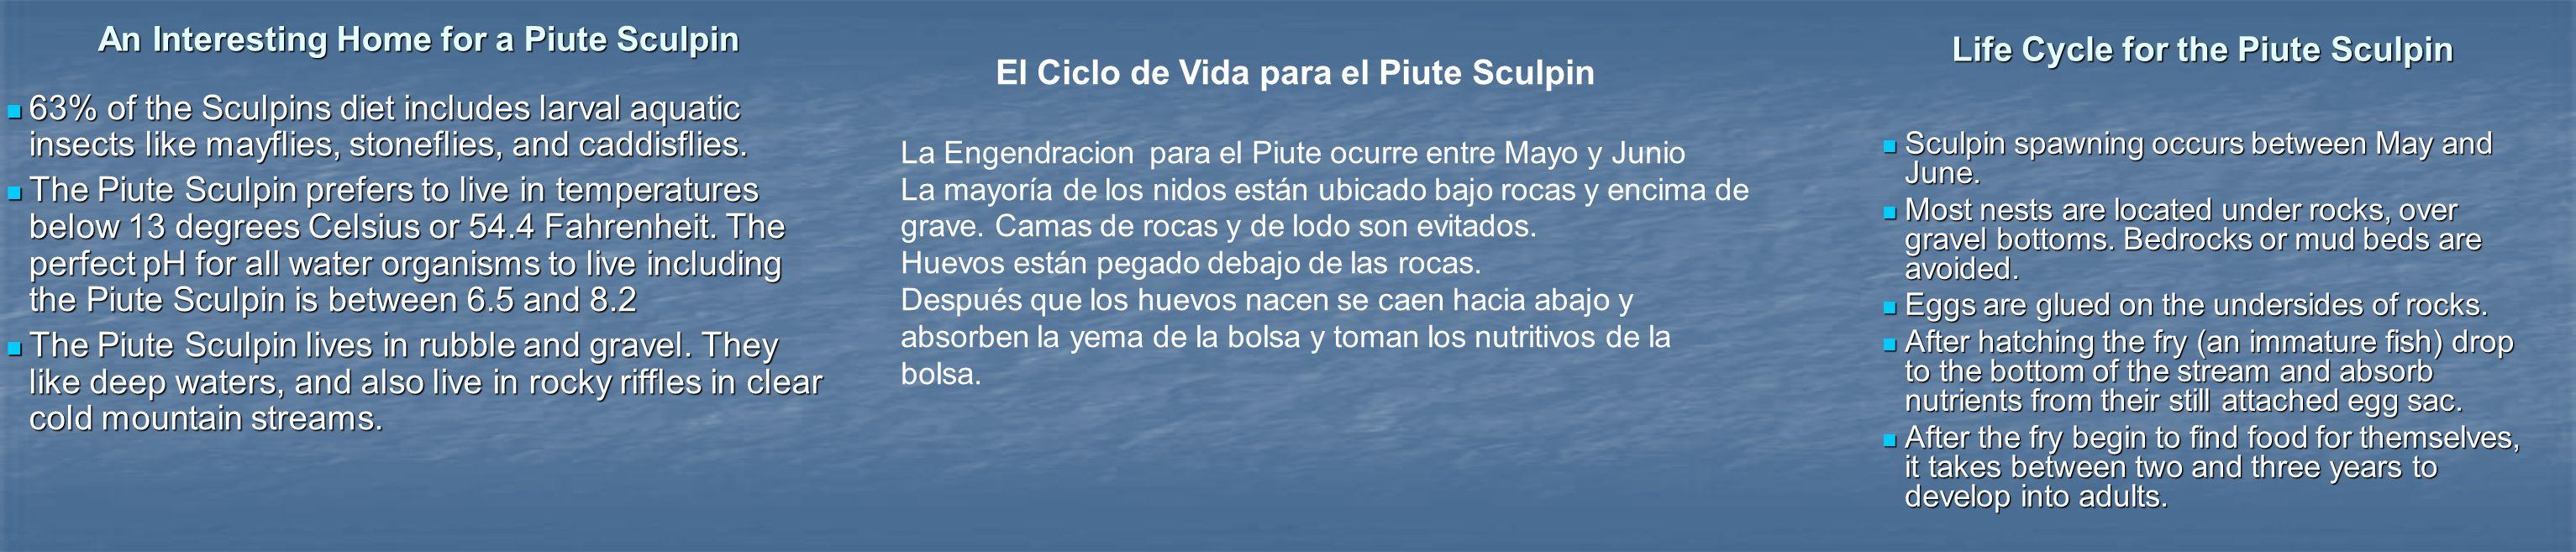 El Ciclo de Vida para el Piute Sculpin La Engendracion para el Piute ocurre entre Mayo y Junio La mayoría de los nidos están ubicado bajo rocas y enci